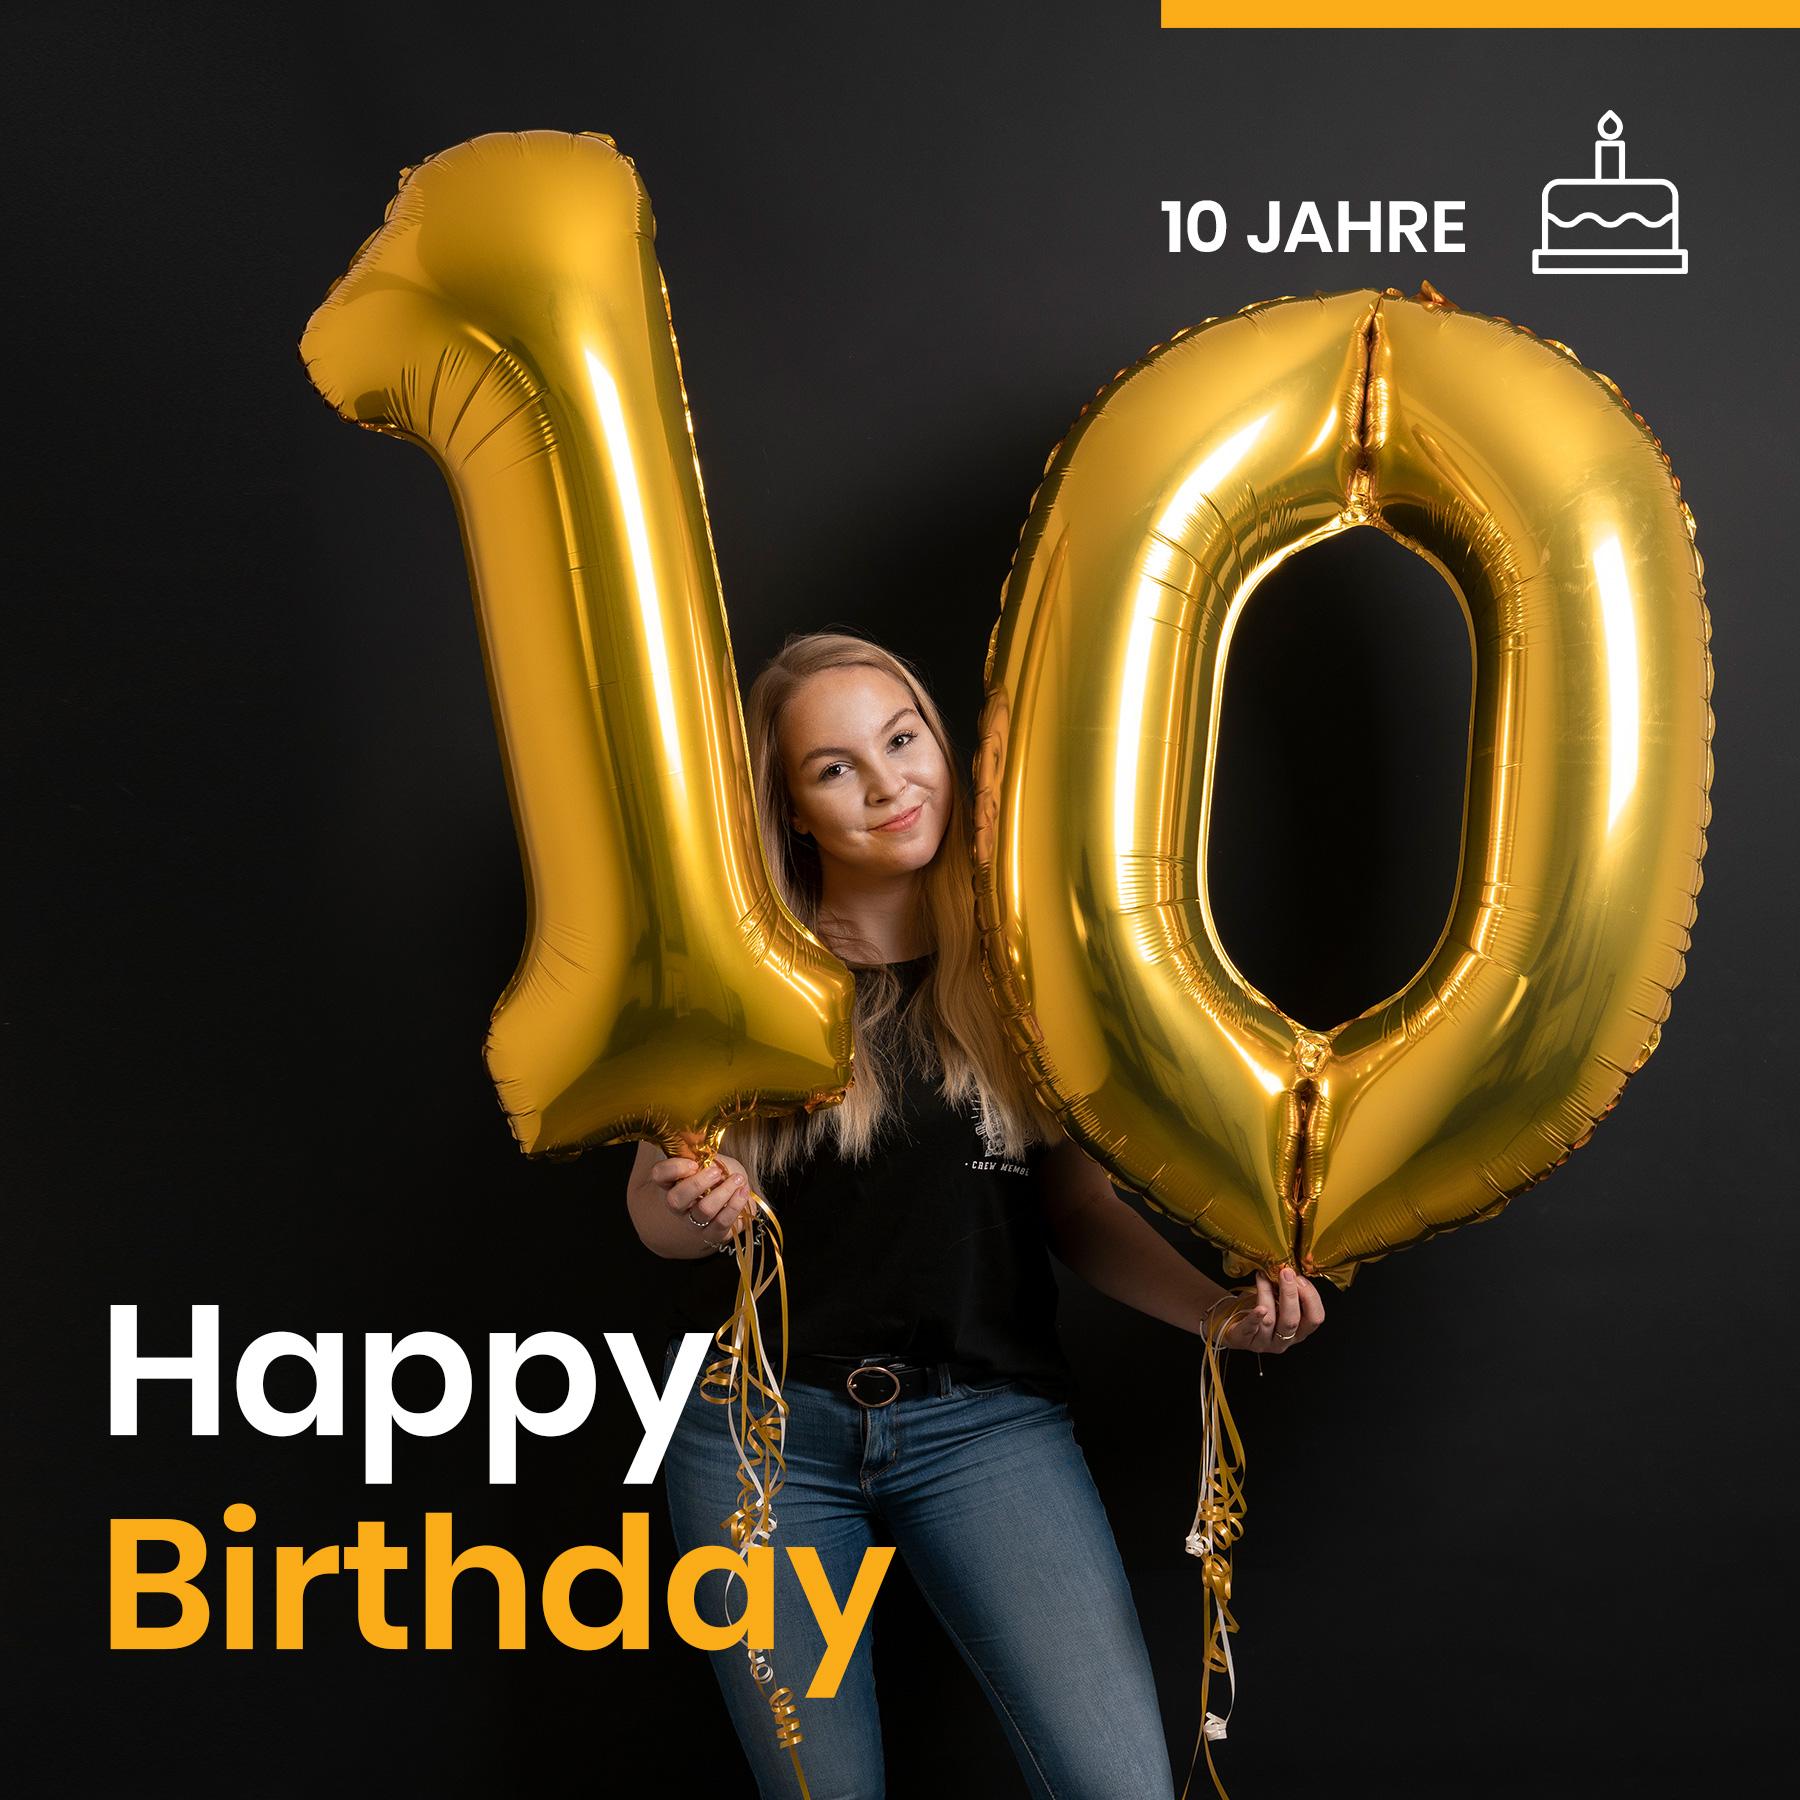 new media labs wird 10 Jahre alt!